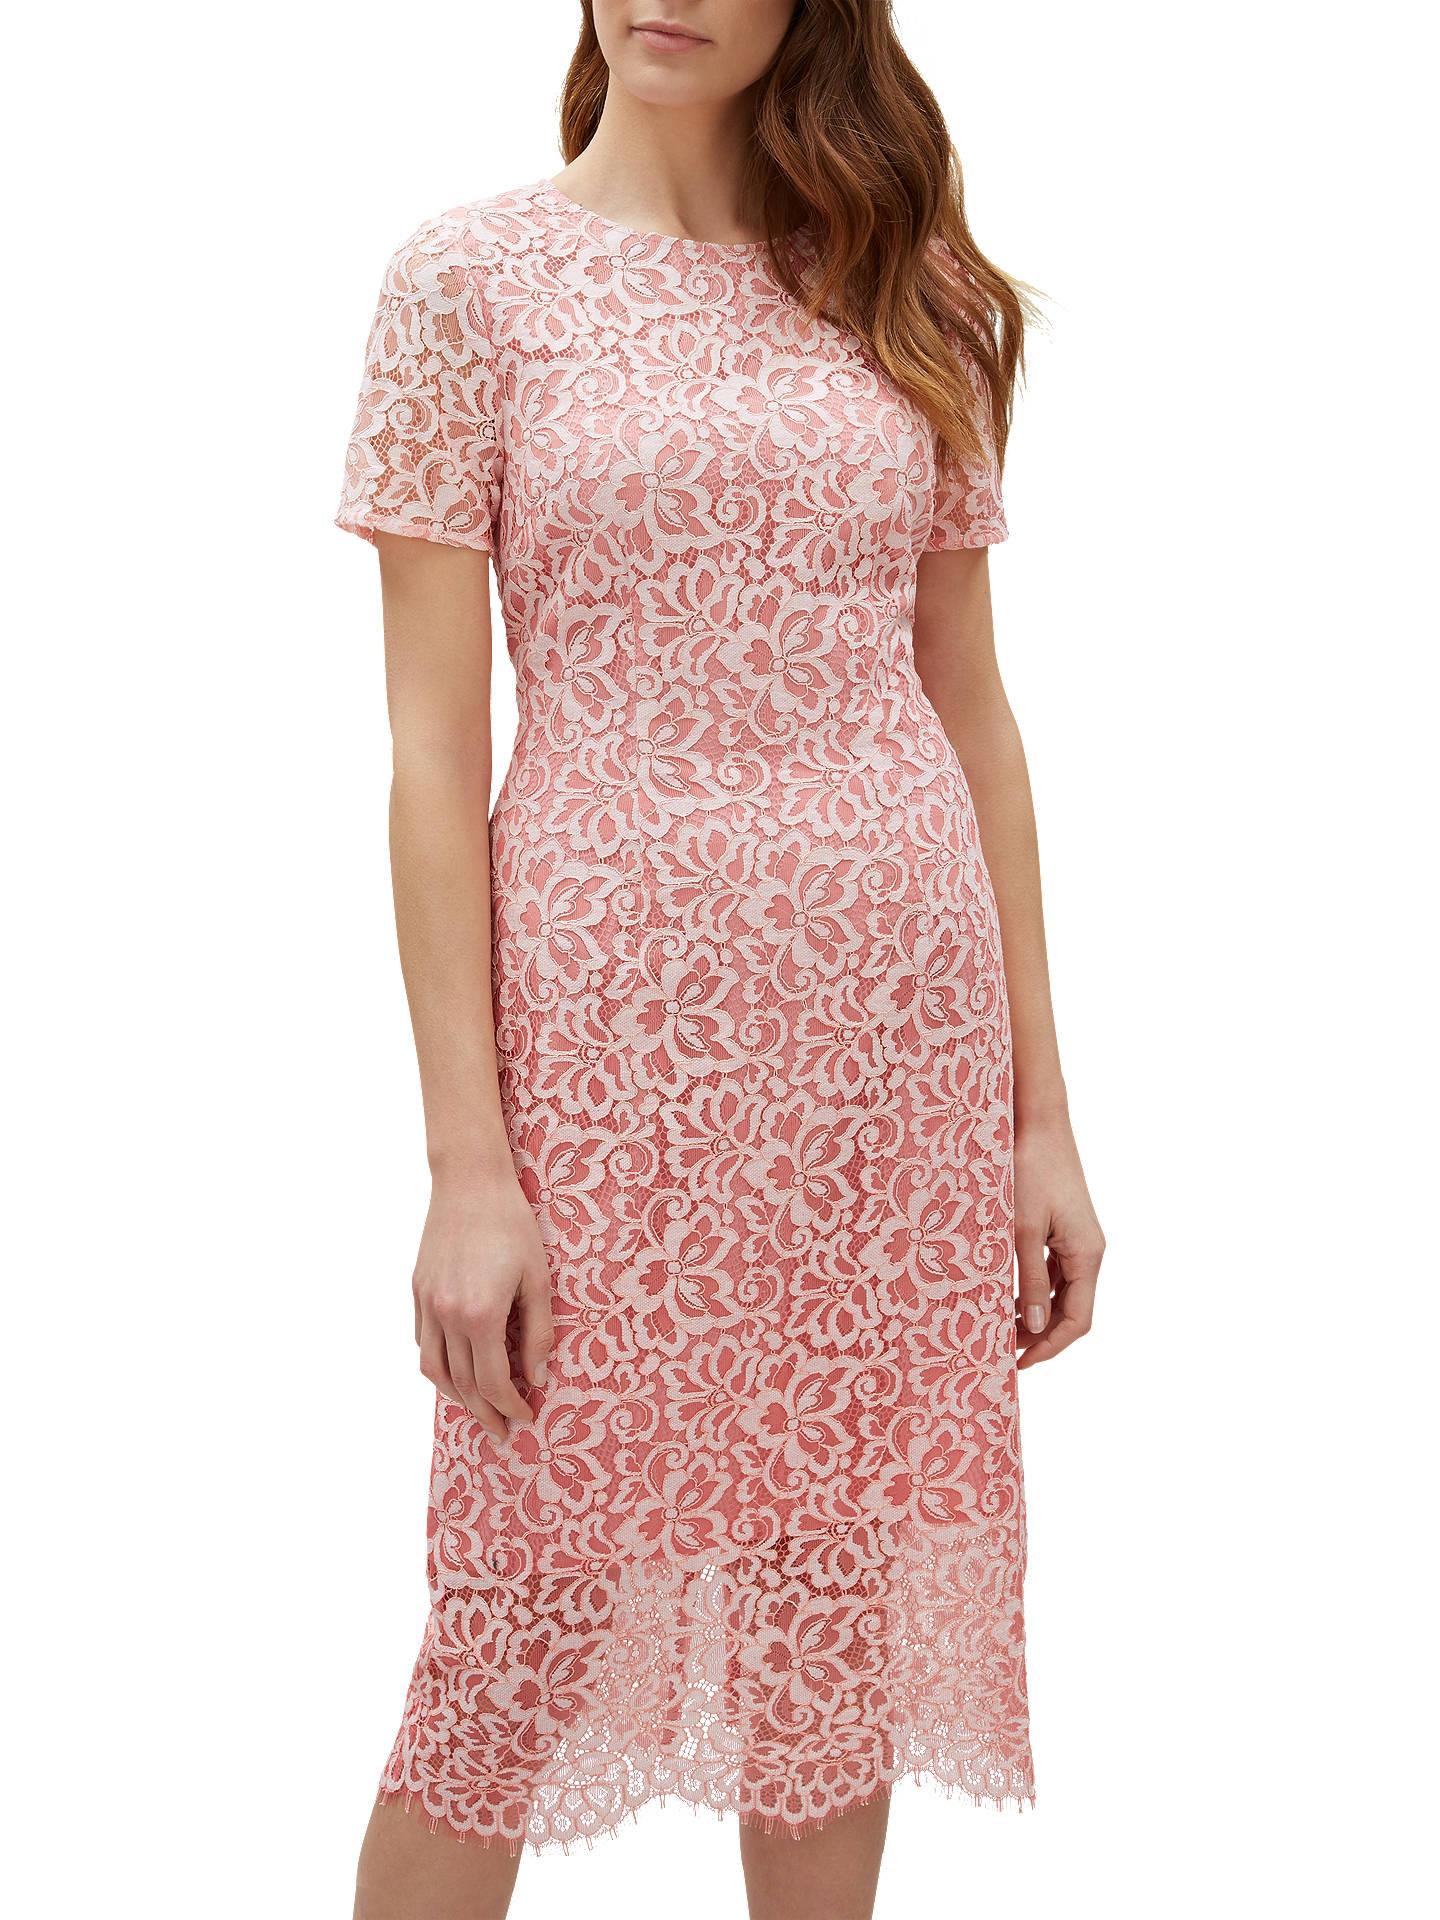 75aaebf2c22 Buy Jaeger Ombre Lace Dress